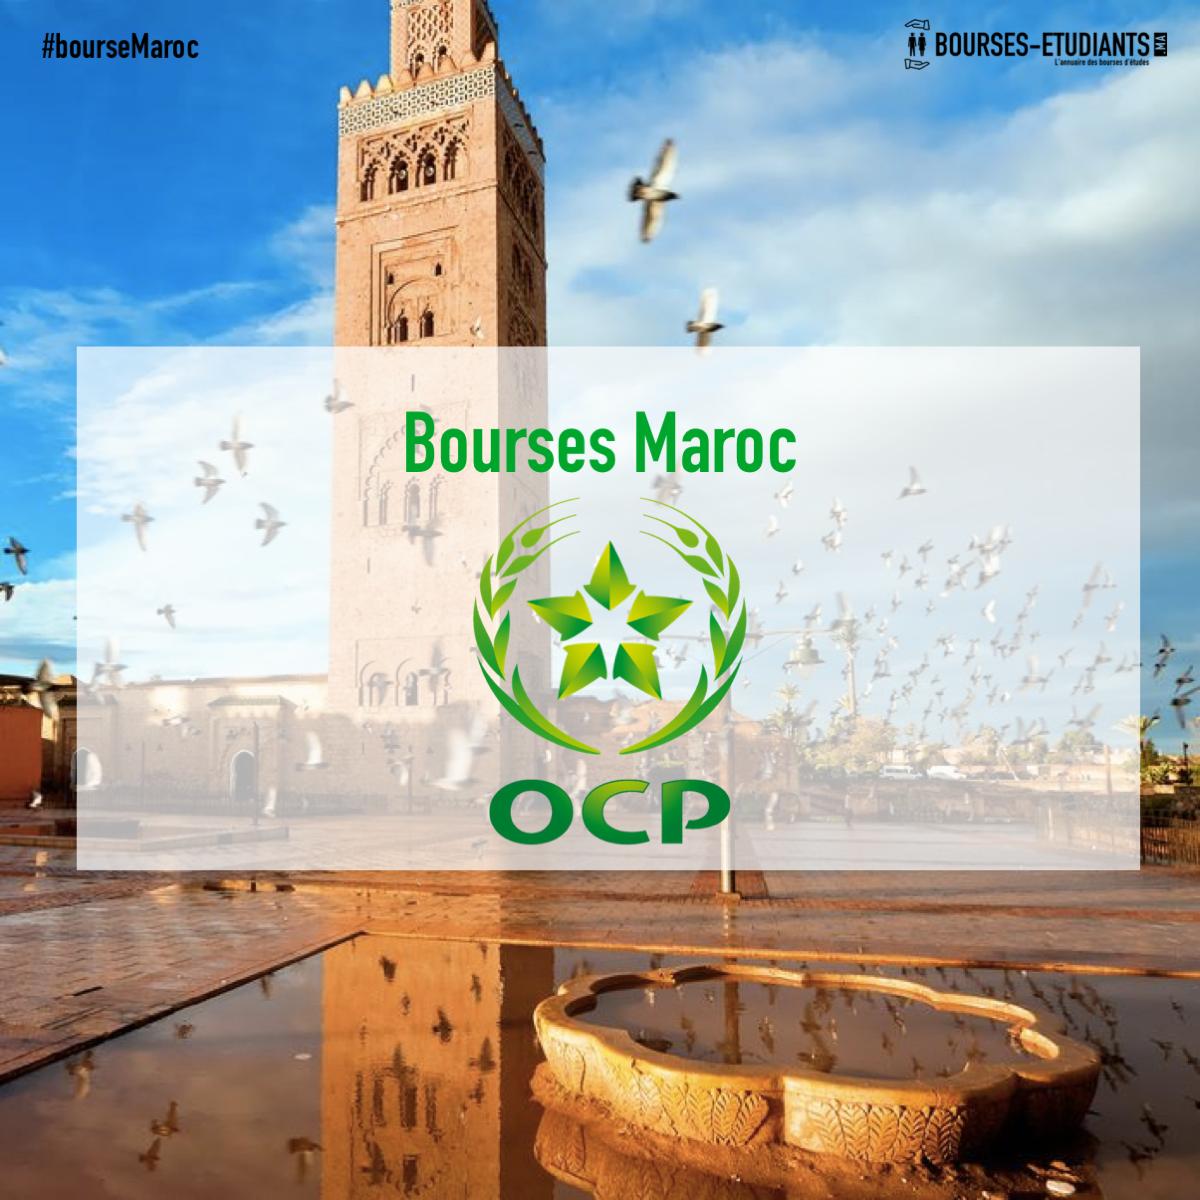 Bourse OCP 2020